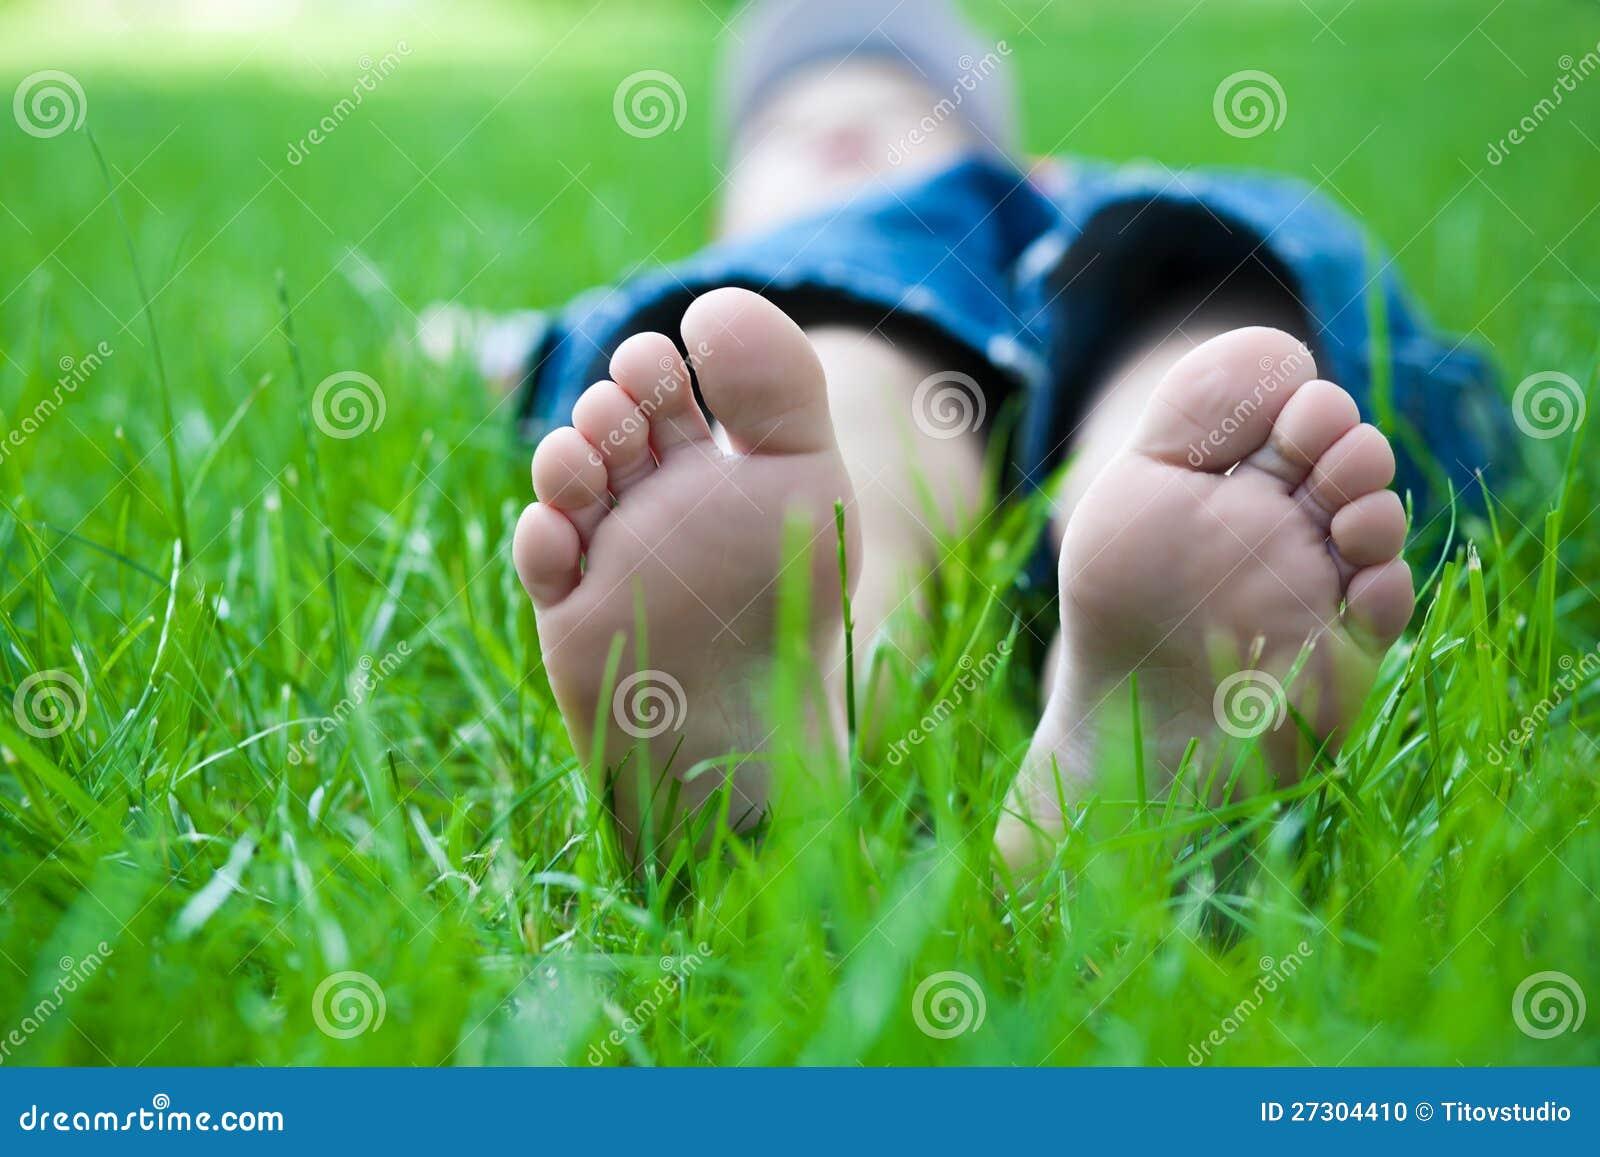 Pés das crianças na grama. piquenique no parque da mola